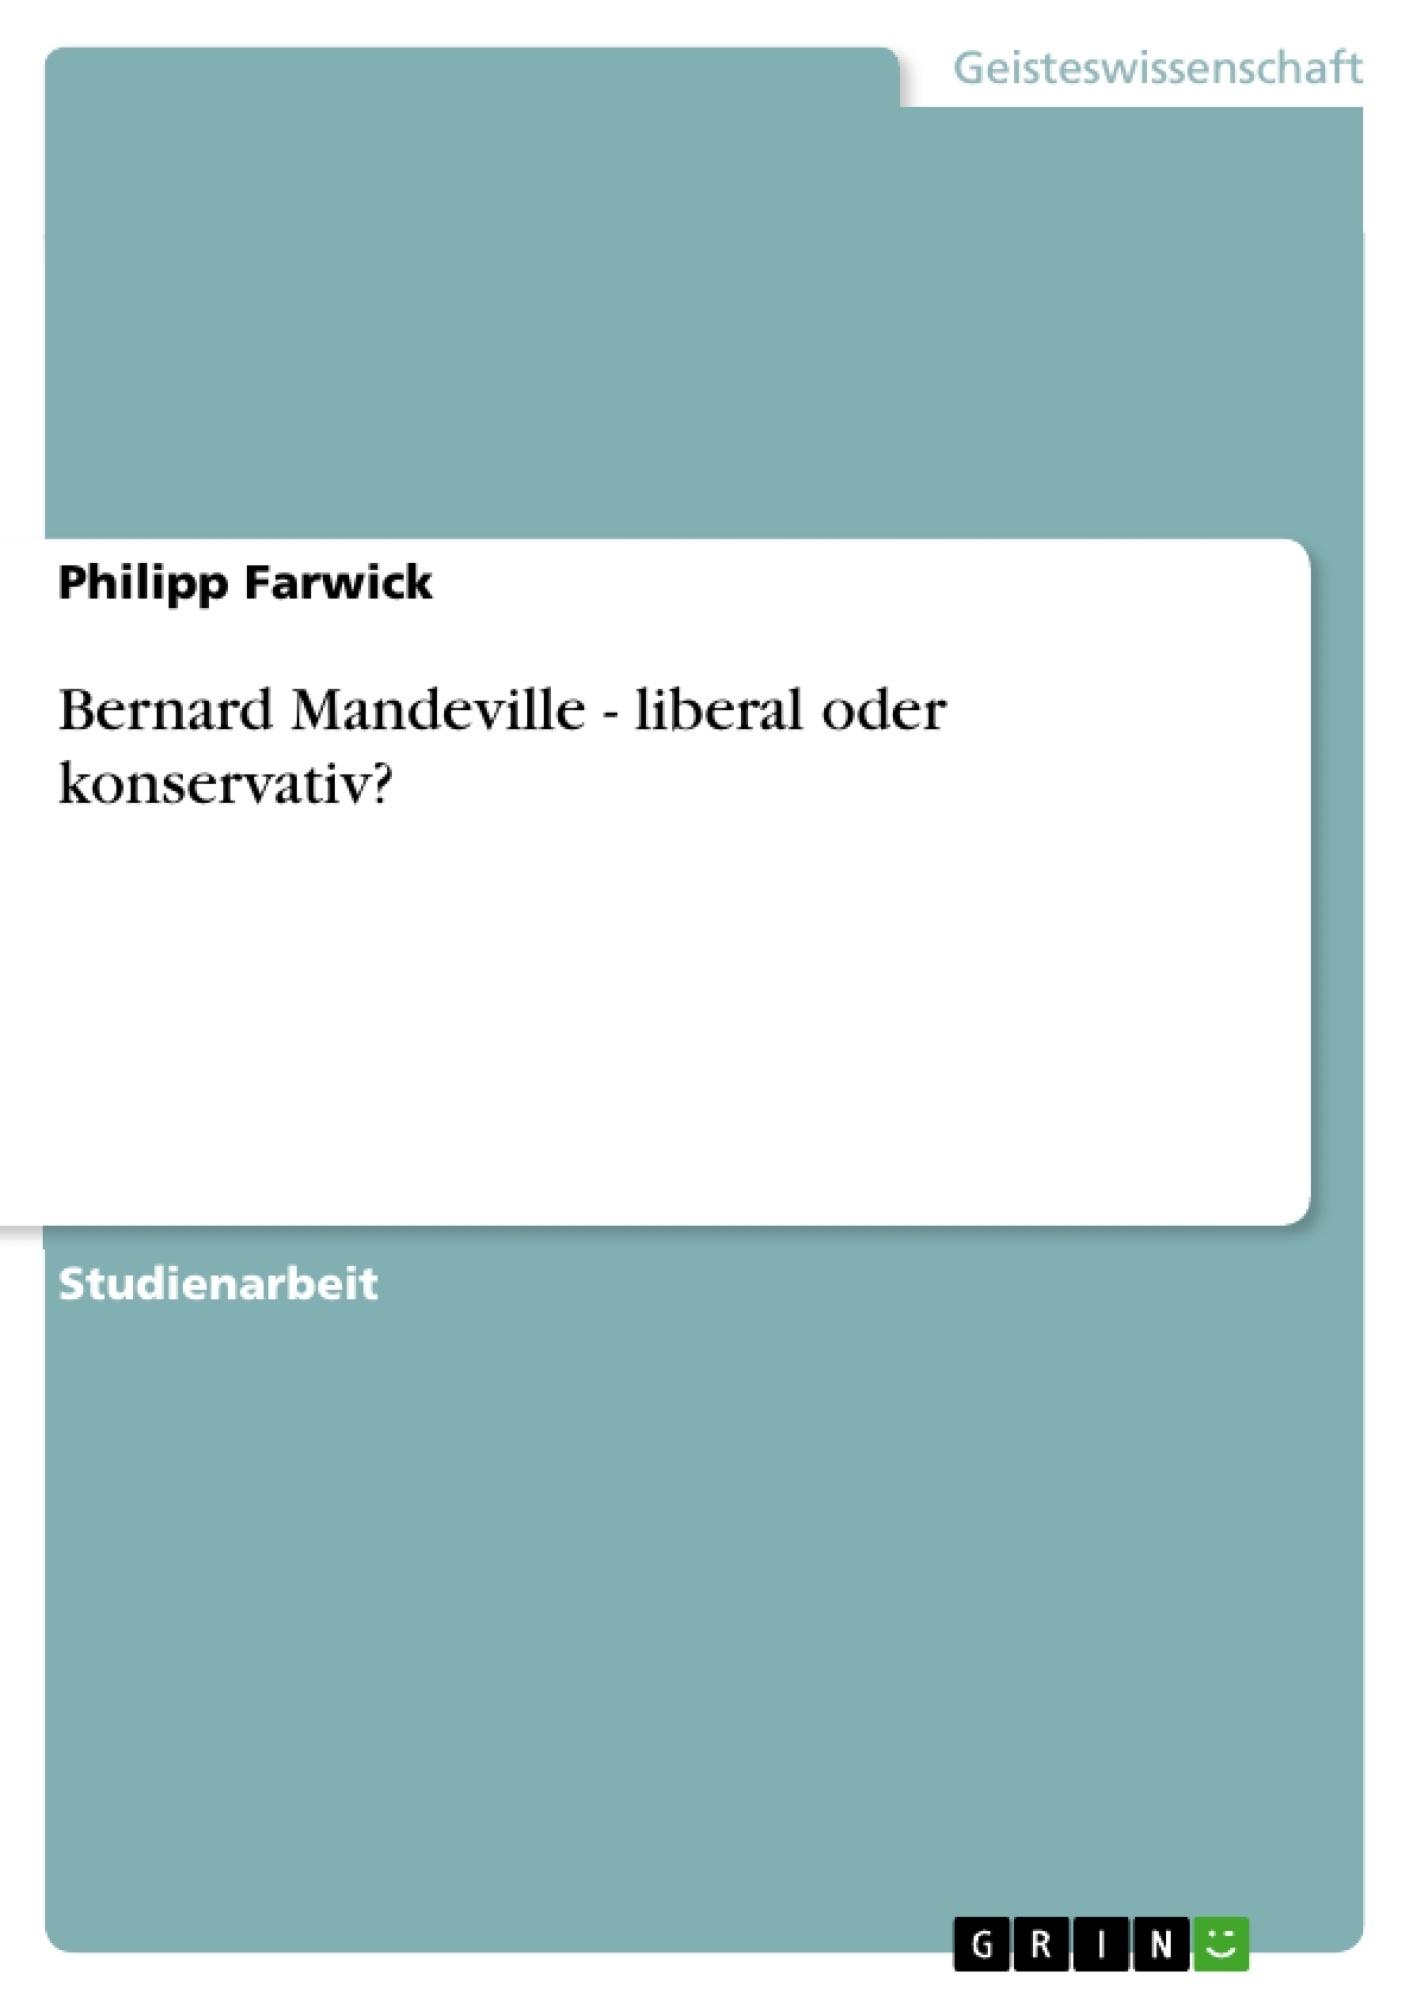 Titel: Bernard Mandeville - liberal oder konservativ?